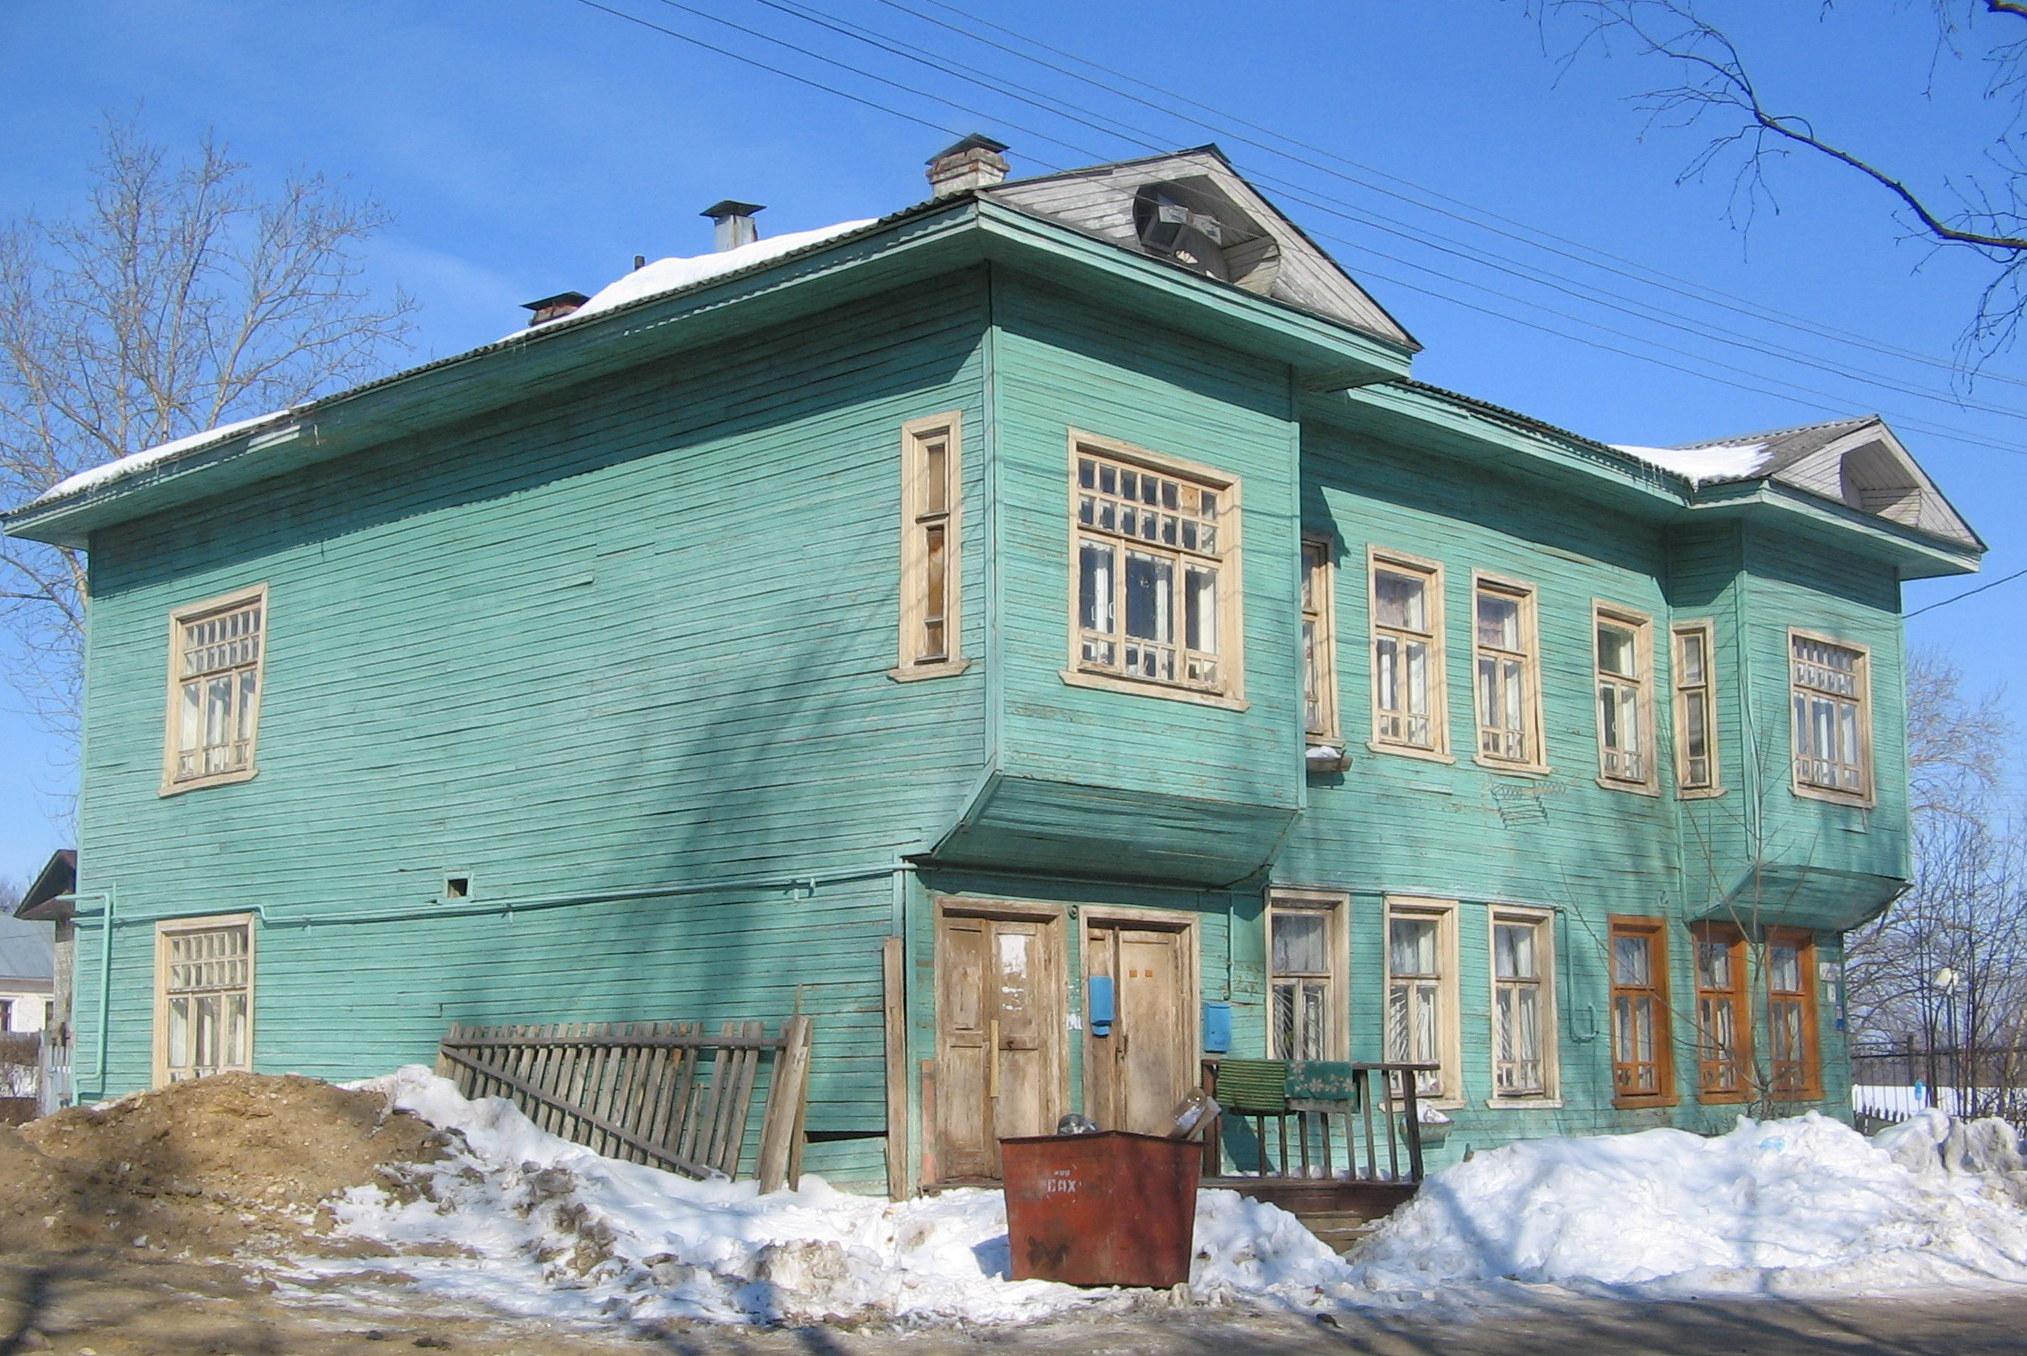 Дом Давыдова в ходе переезда утратил декор, но сохранил выразительность форм